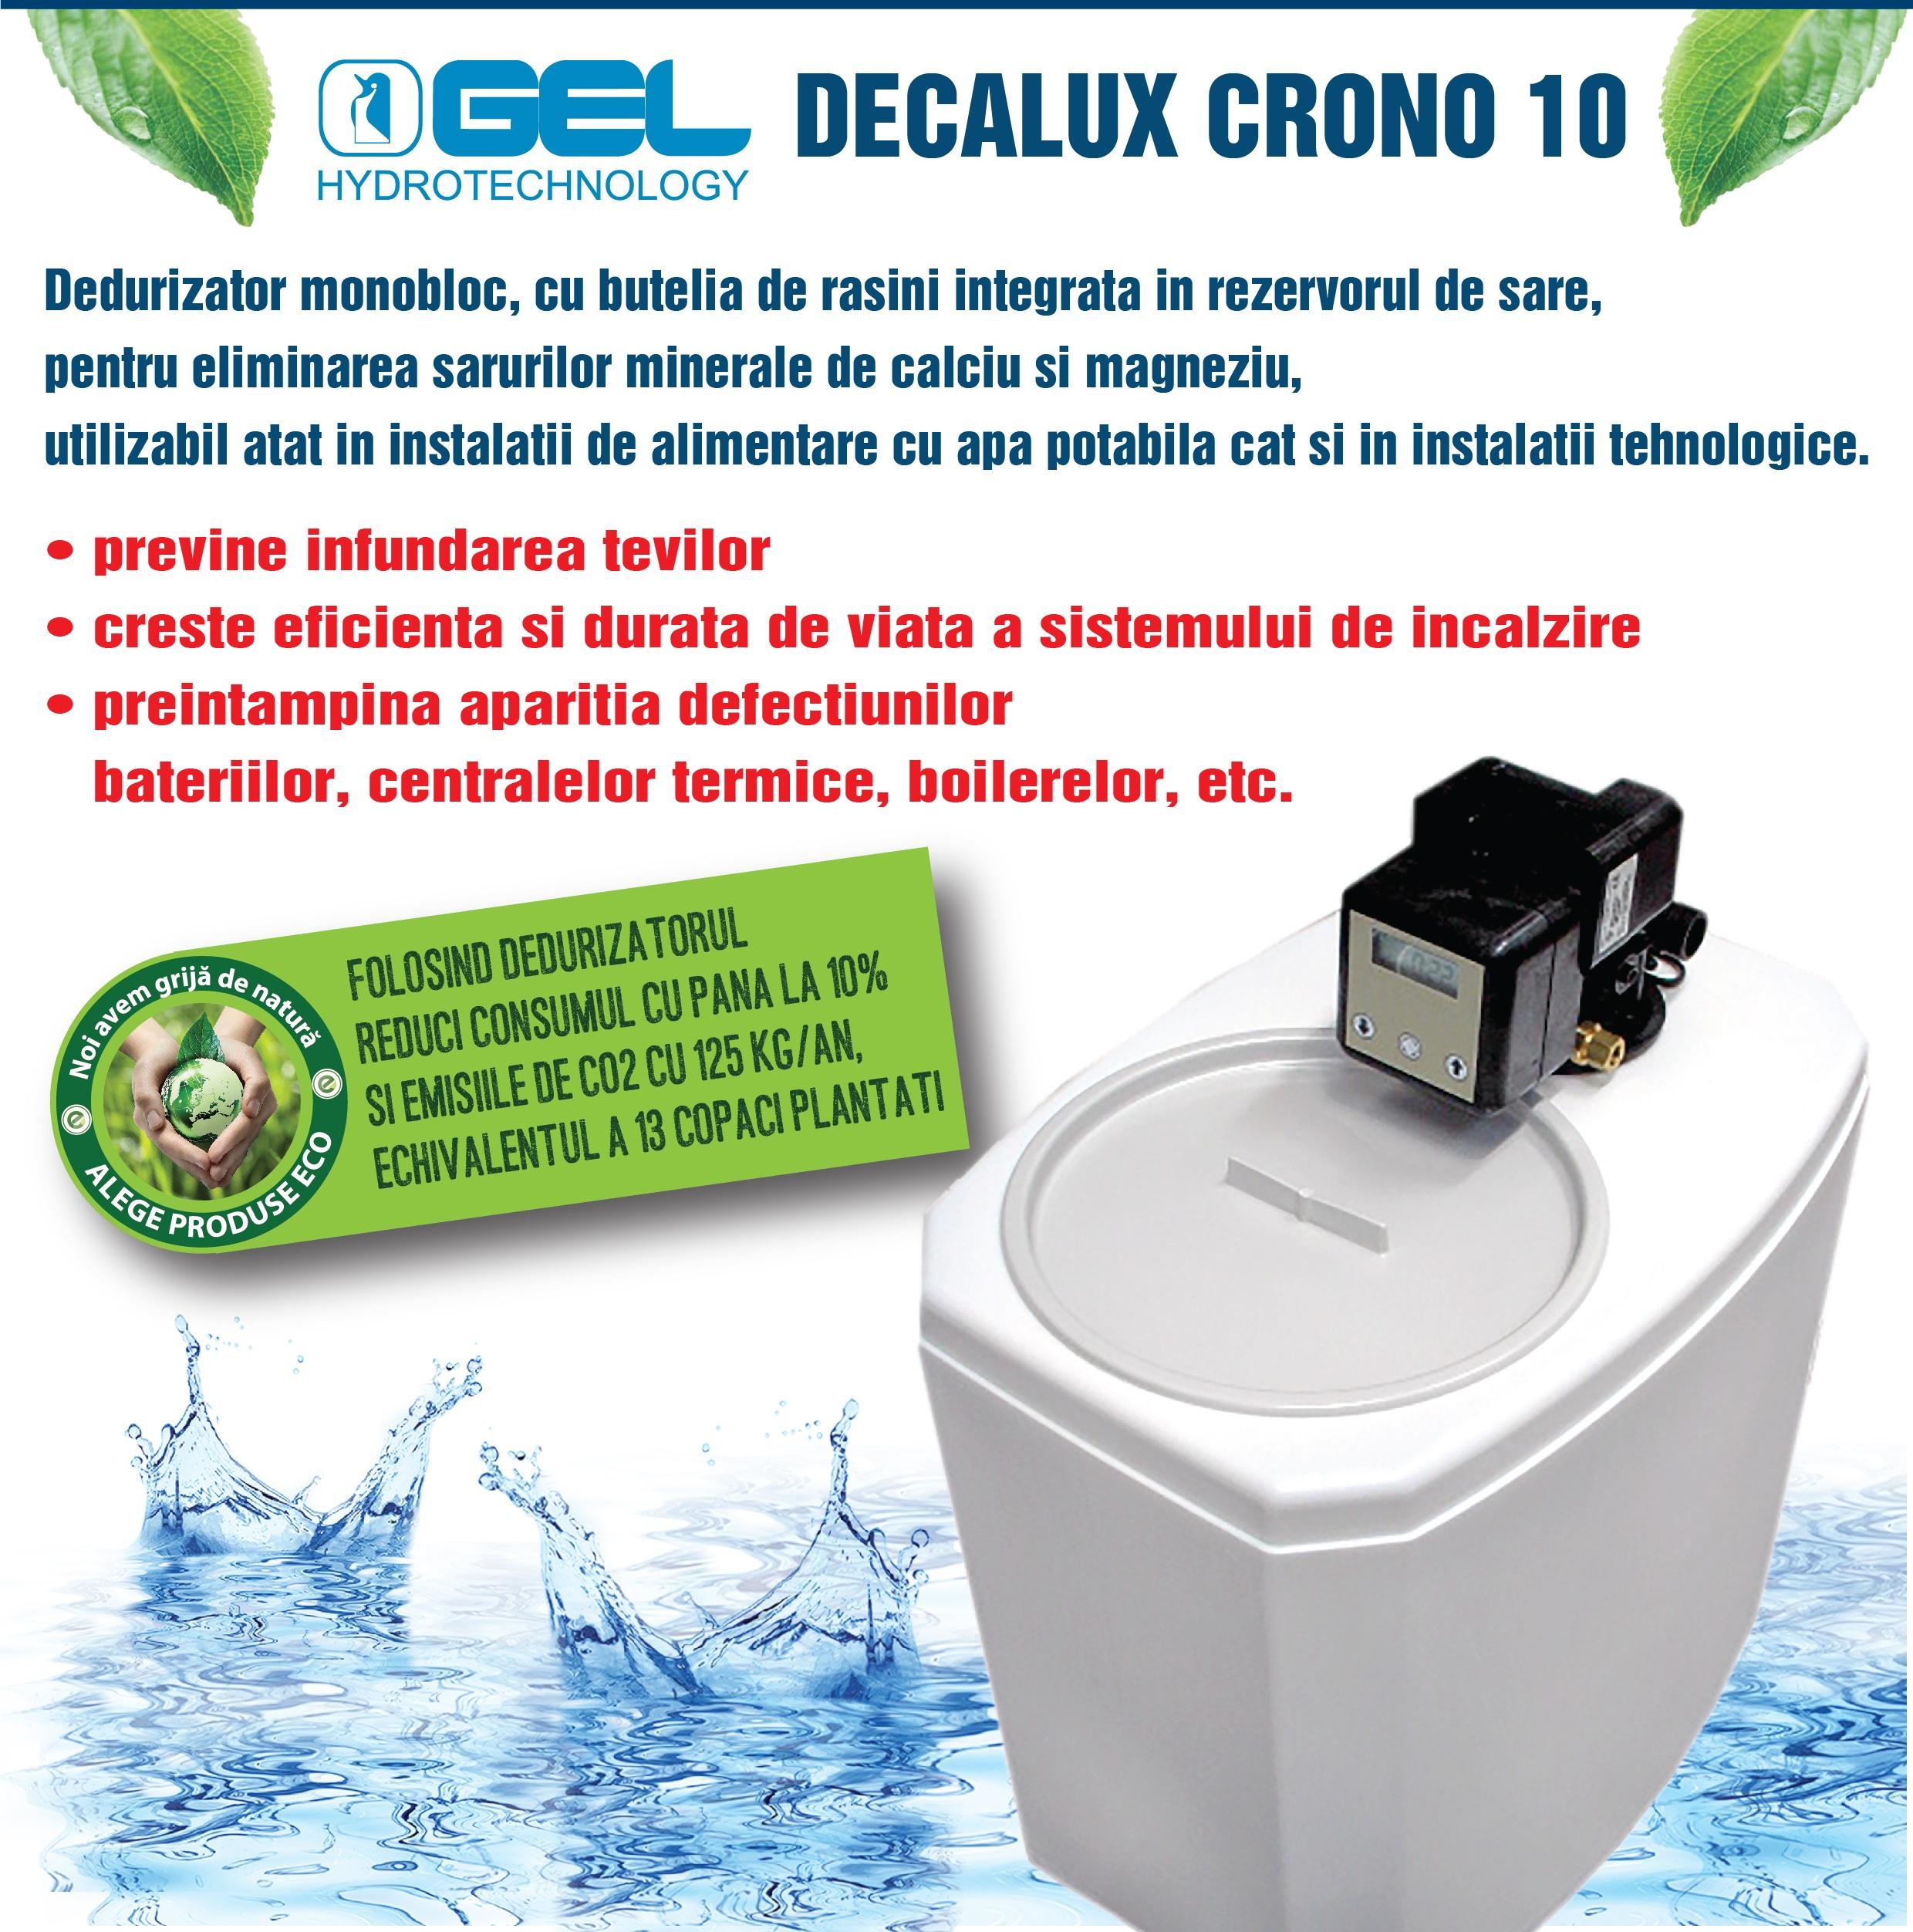 EL DECALUX CRONO 10